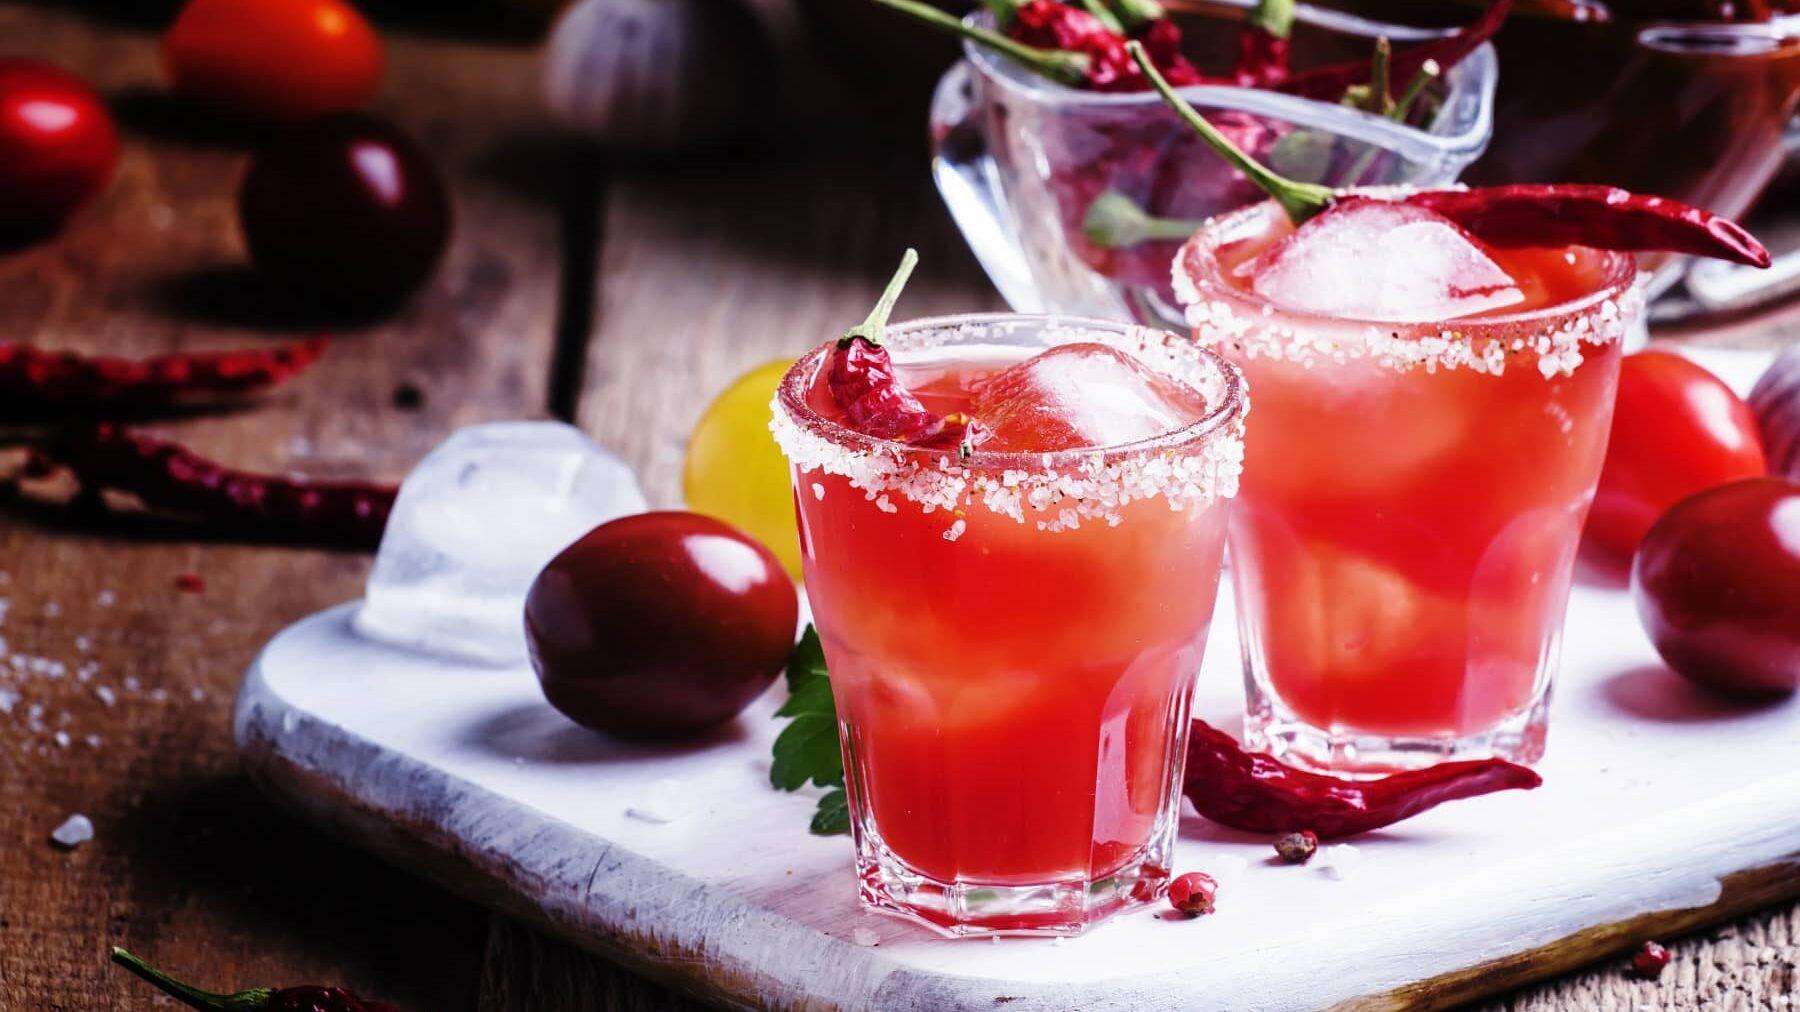 Zwei Gläser mit Chili-Kirsch-Mocktails stehen neben Kirschen und einer Schale voll Chilis